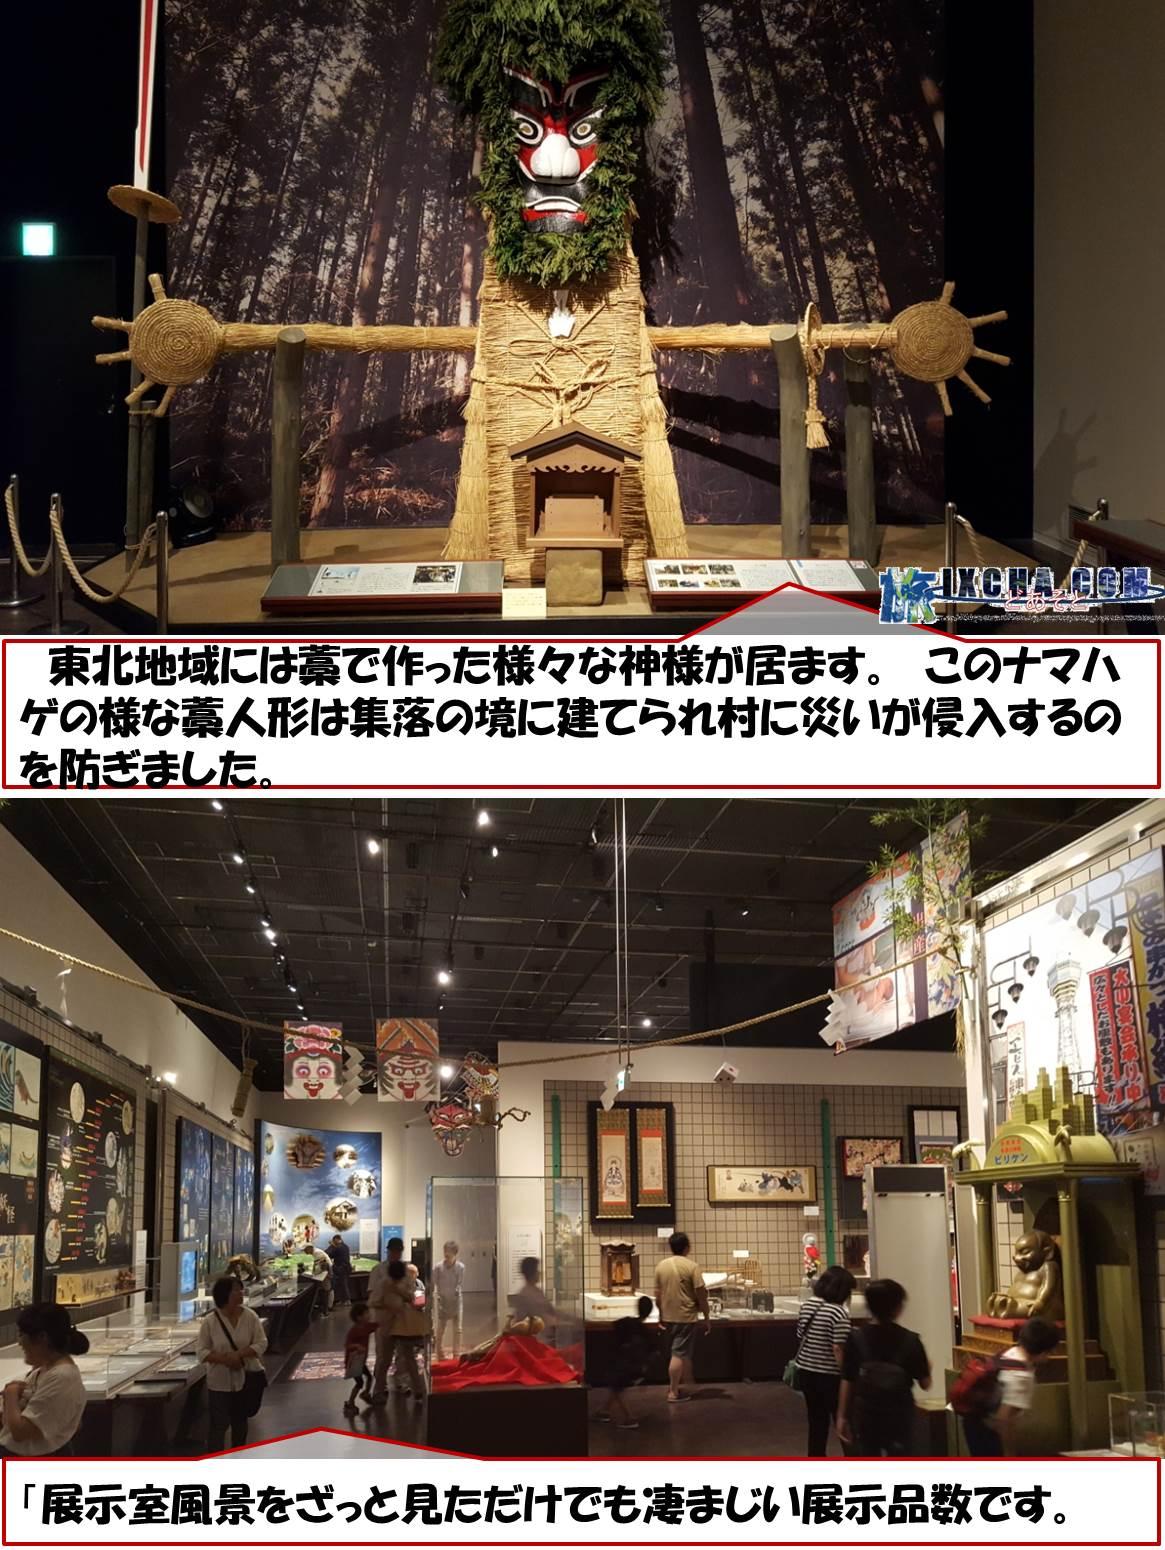 東北地域には藁で作った様々な神様が居ます。 このナマハゲの様な藁人形は集落の境に建てられ村に災いが侵入するのを防ぎました。 「展示室風景をざっと見ただけでも凄まじい展示品数です。